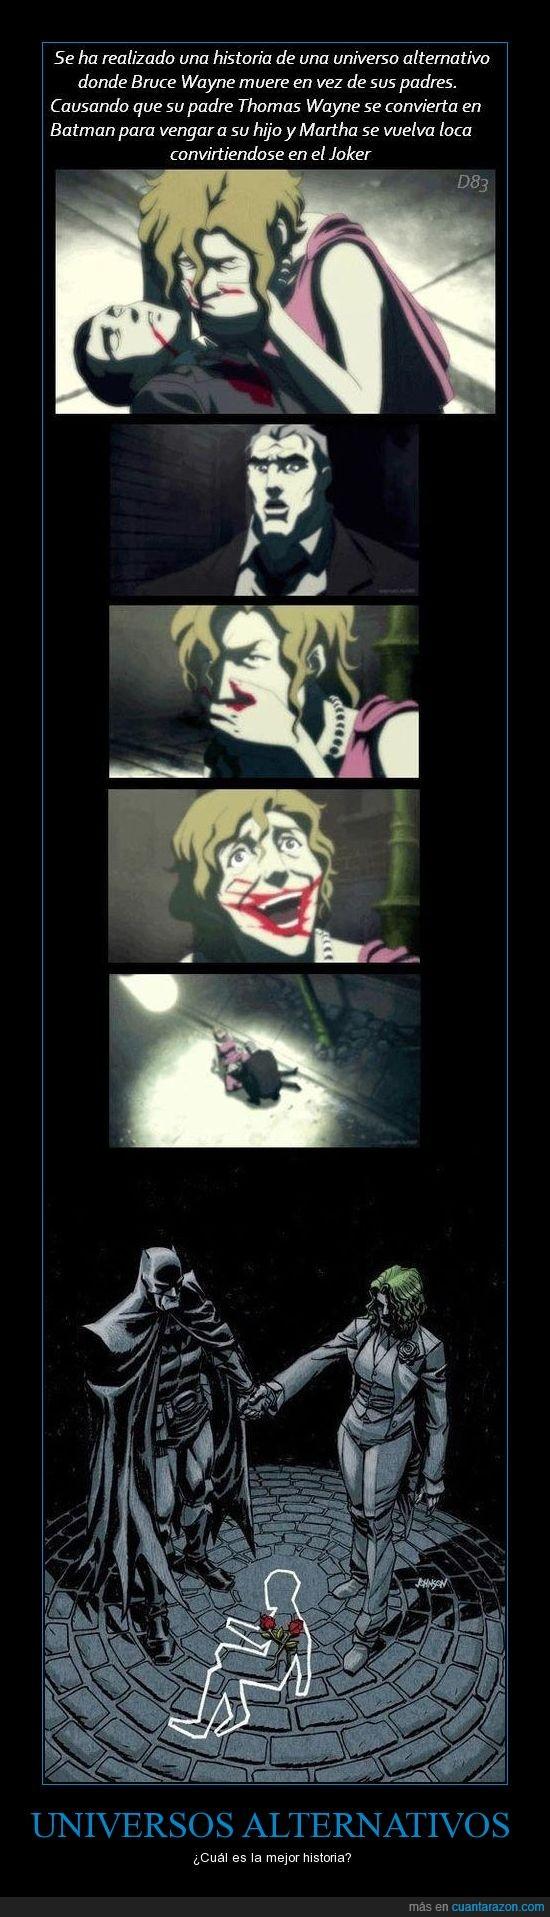 Batman,Bruce Wayne,hijo,huerfano,Joker,loca,locura,matar,padres